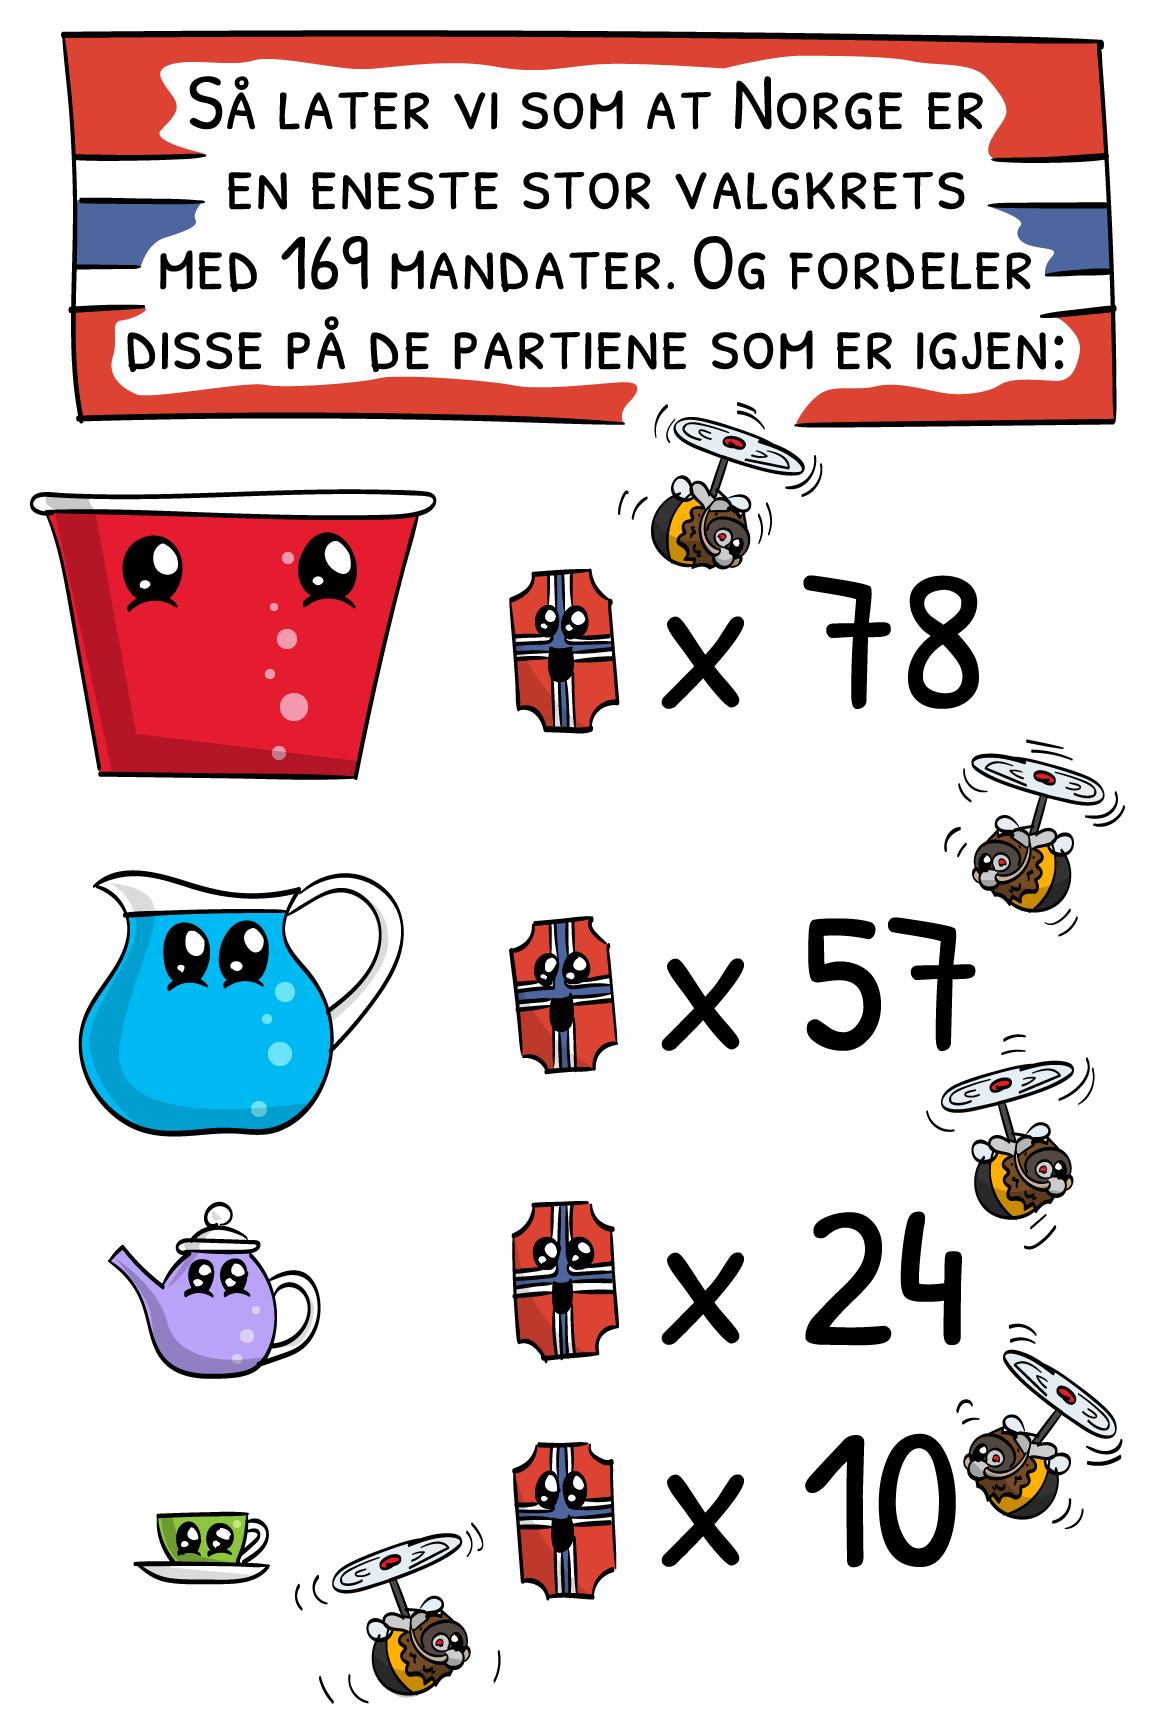 Så later vi som at Norge er en eneste stor valgkrets med 169 mandater. Og fordeler disse på de de partiene som er igjen: